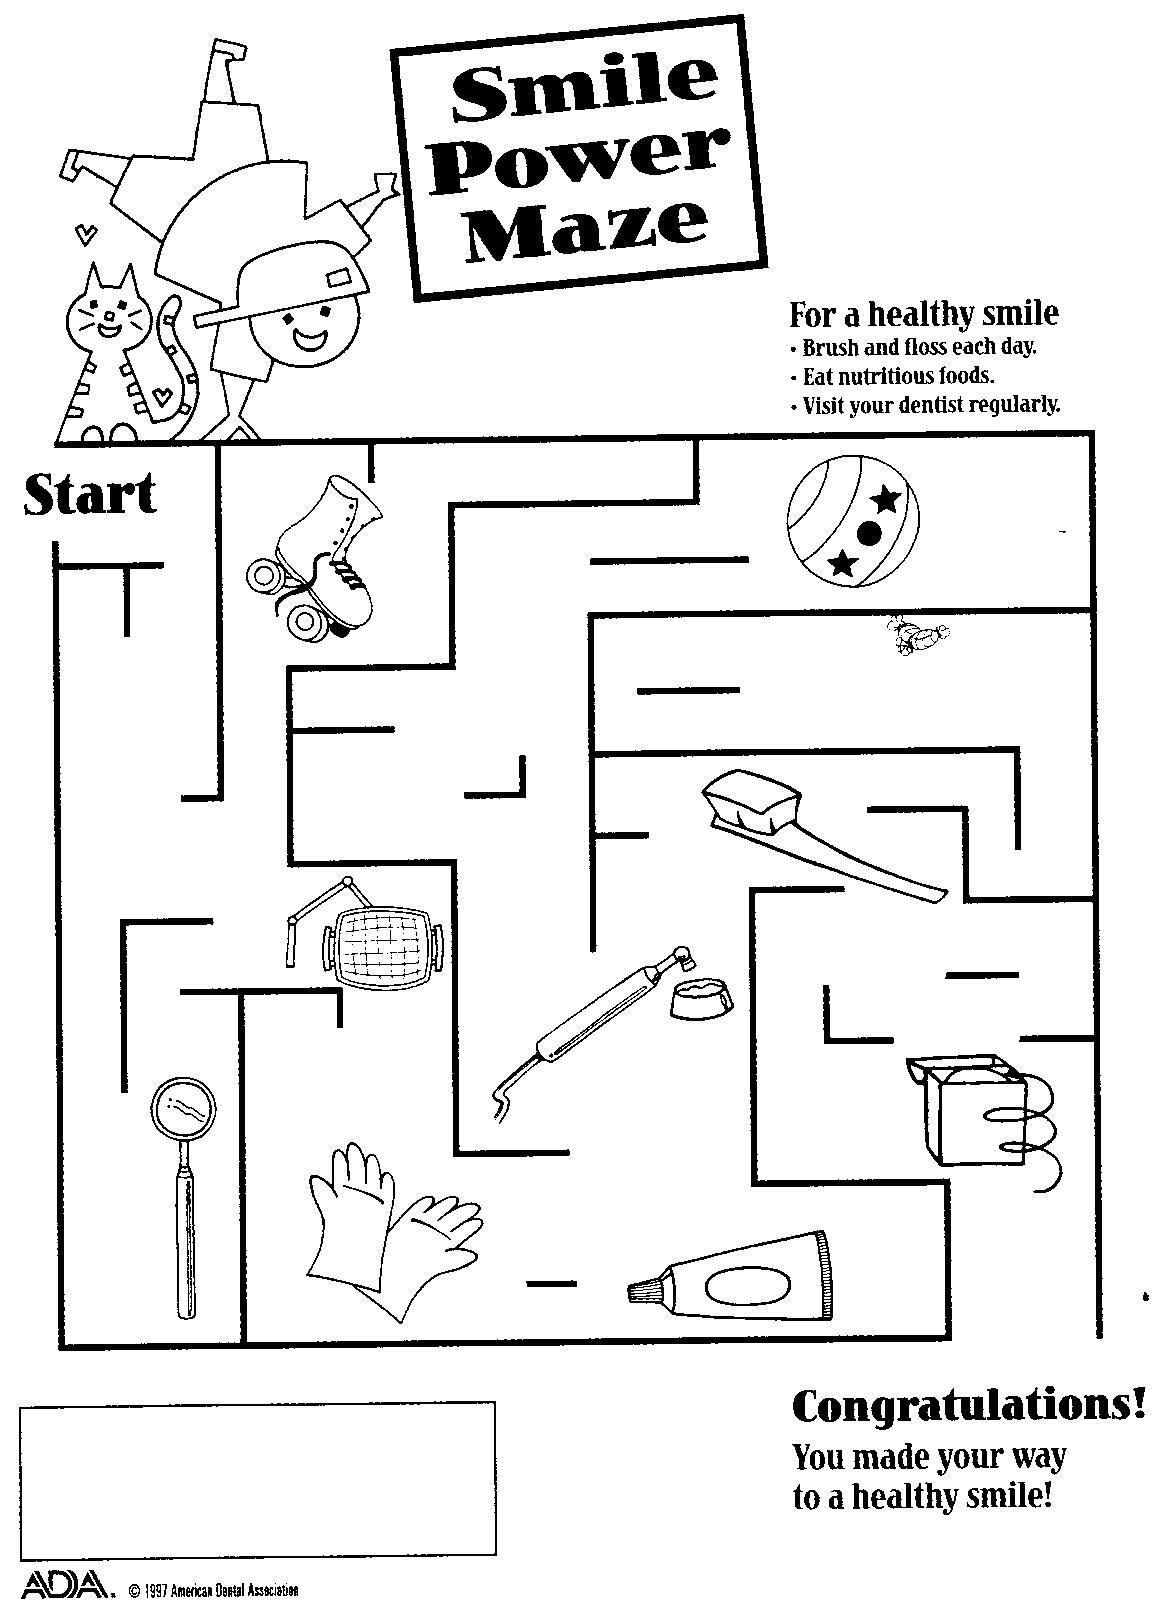 Smile Power Maze